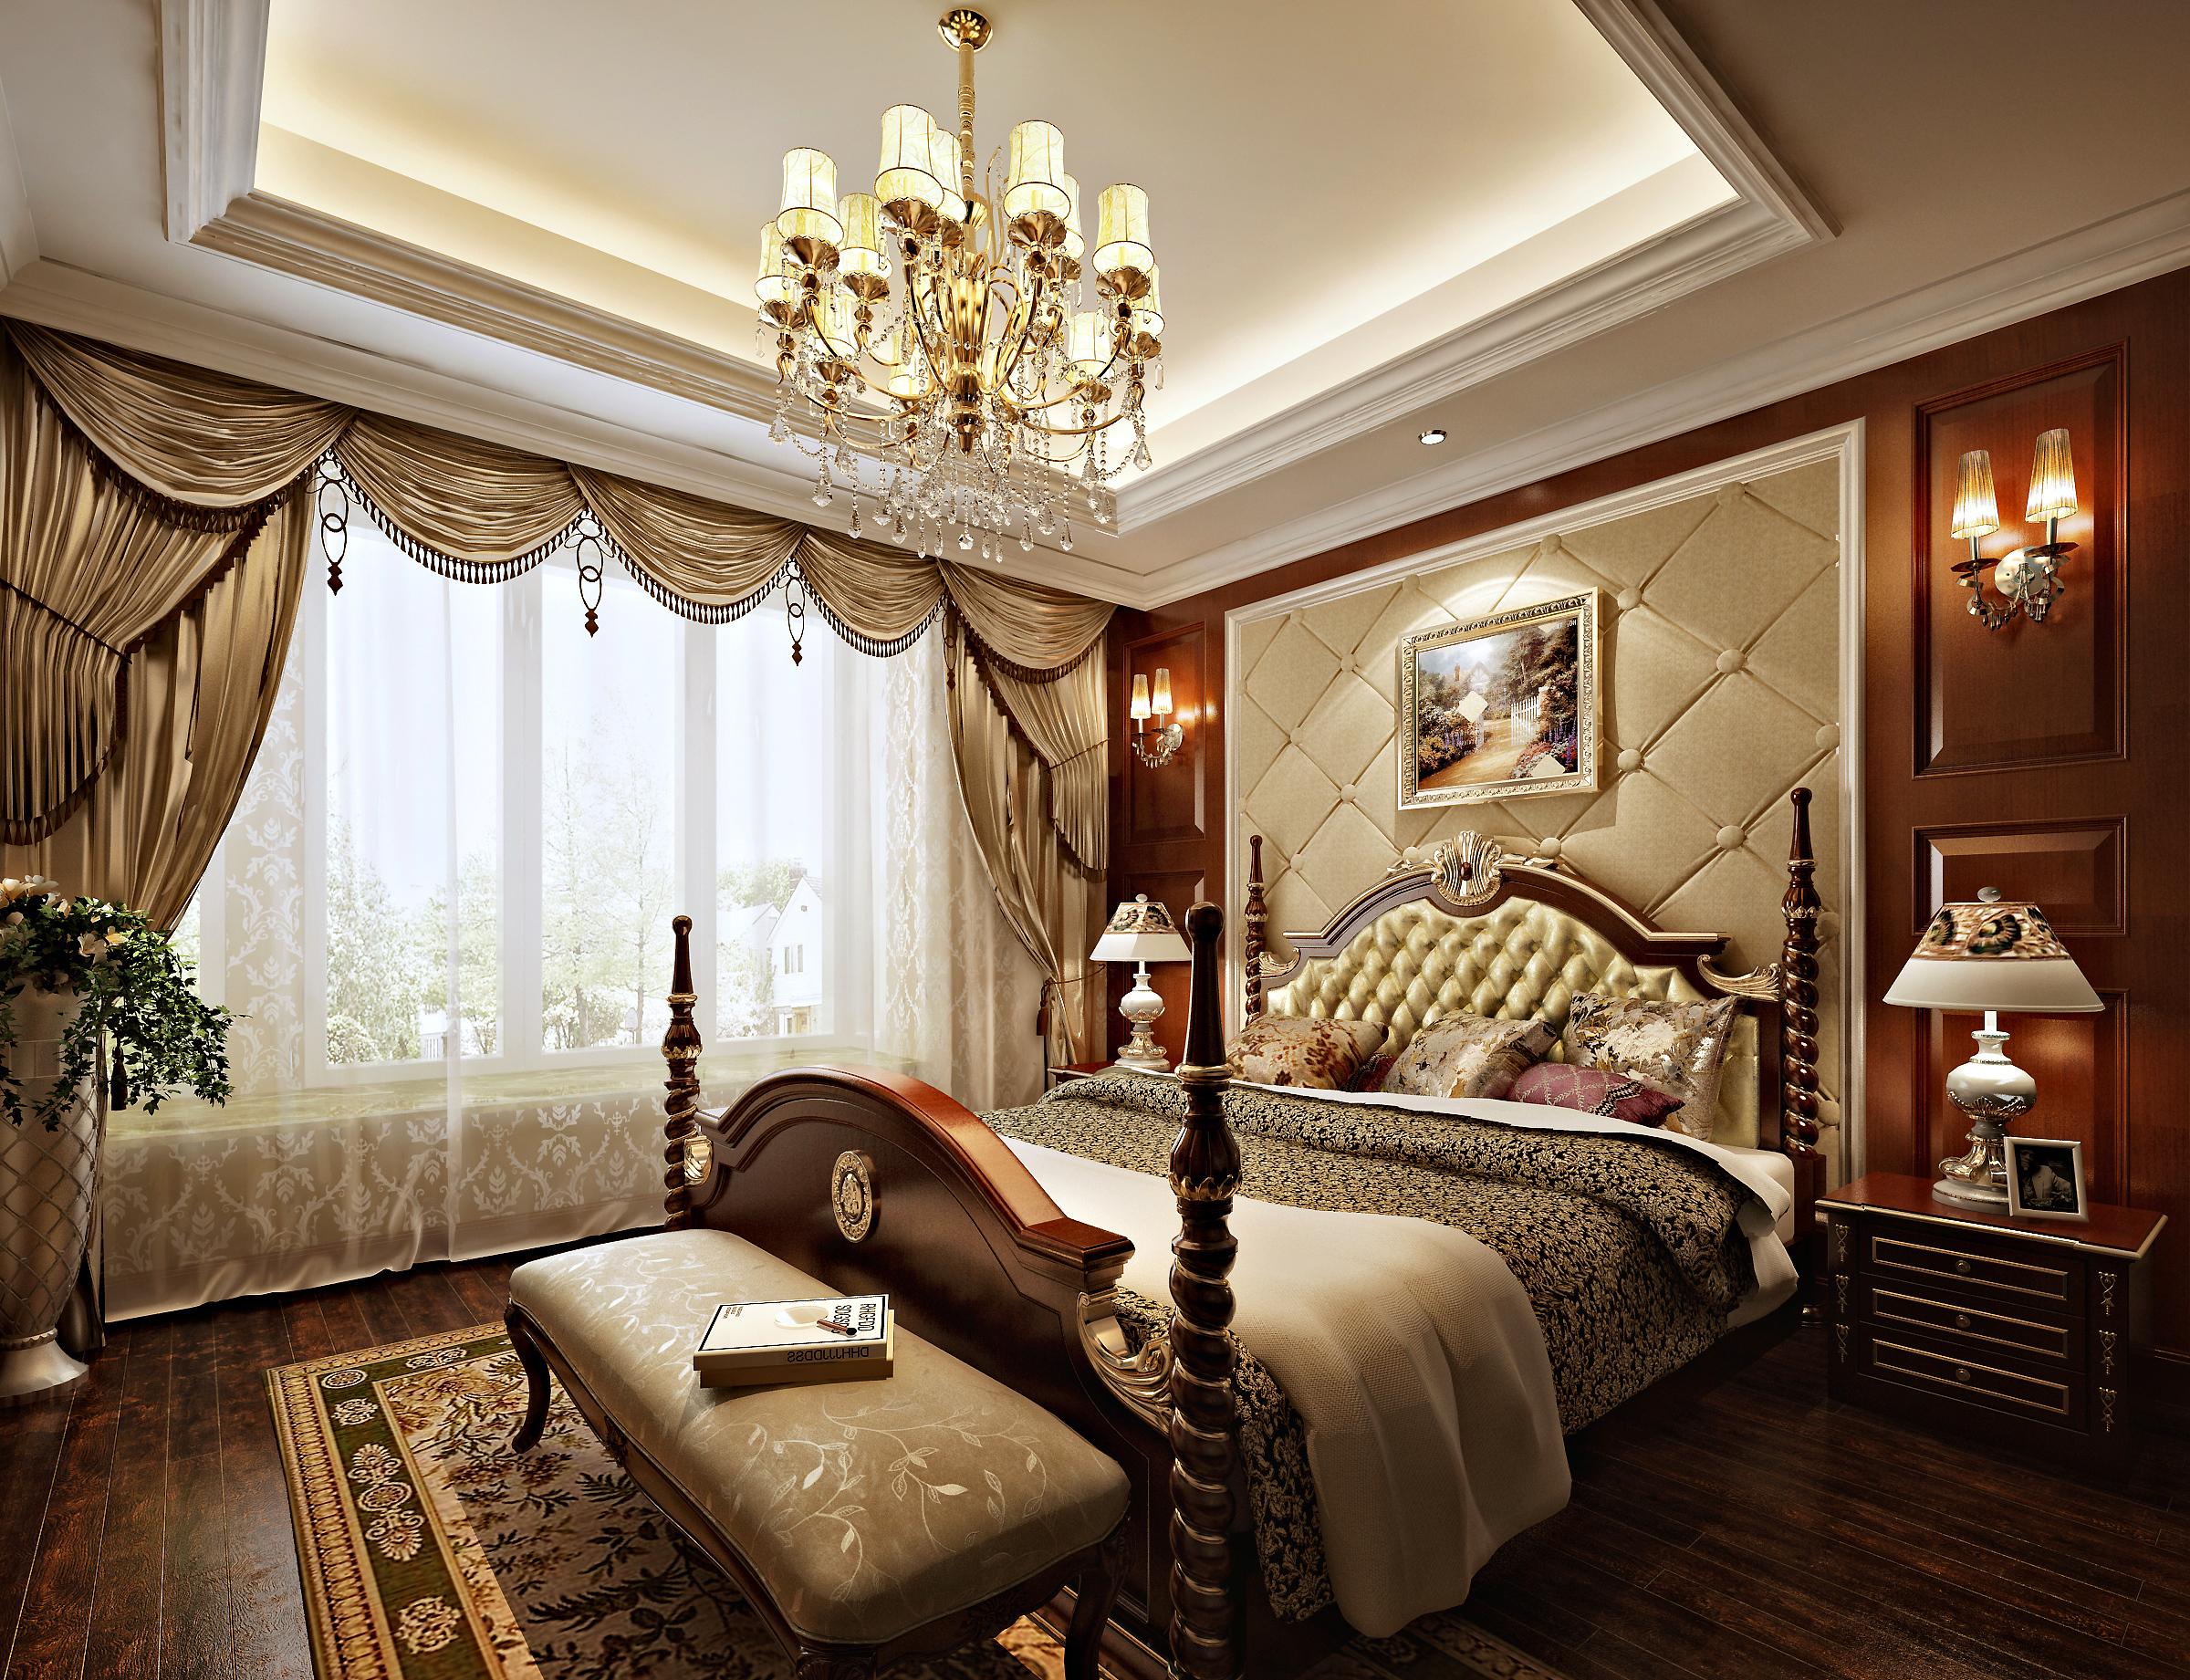 美式 奥龙观邸 九创装饰 济南装修 奢华图片来自灼灼天地在奥龙观邸260平美式风格的分享